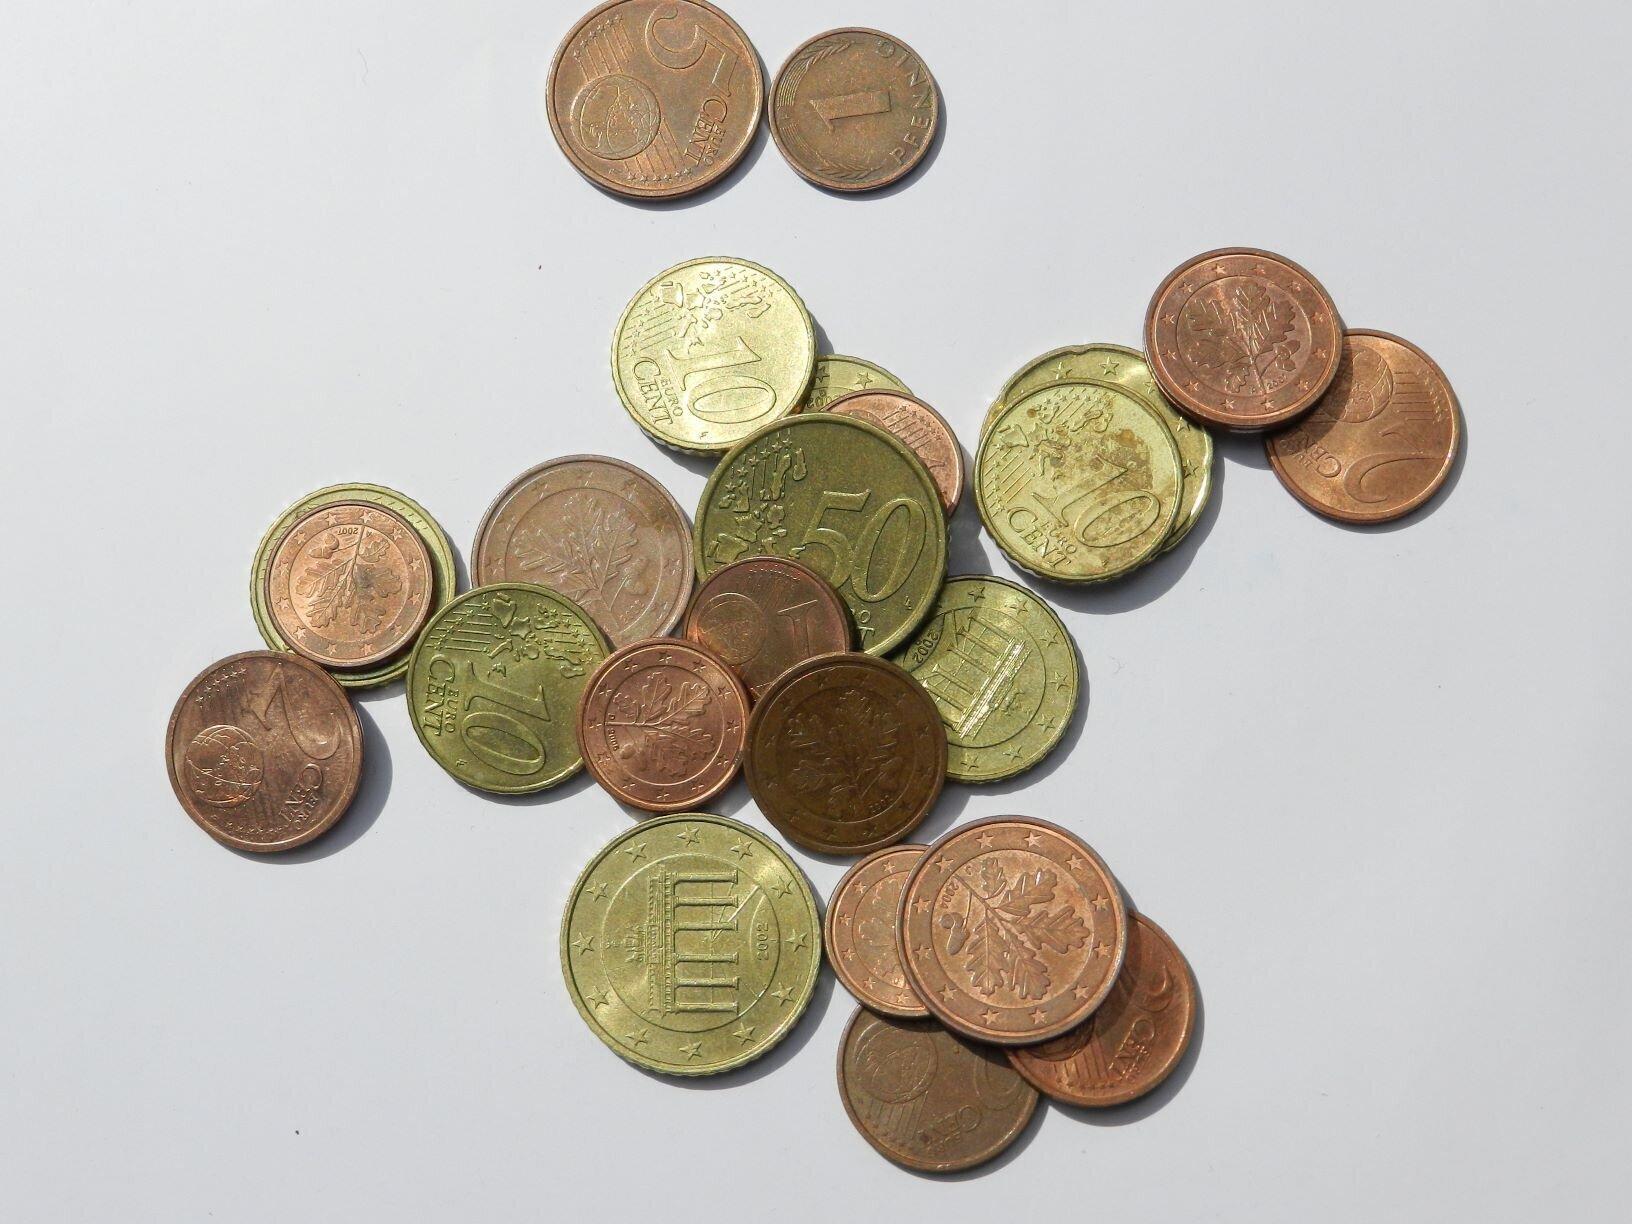 Unser Bild zeigt Kleingeld - symbolisch für den Verfügungsfonds